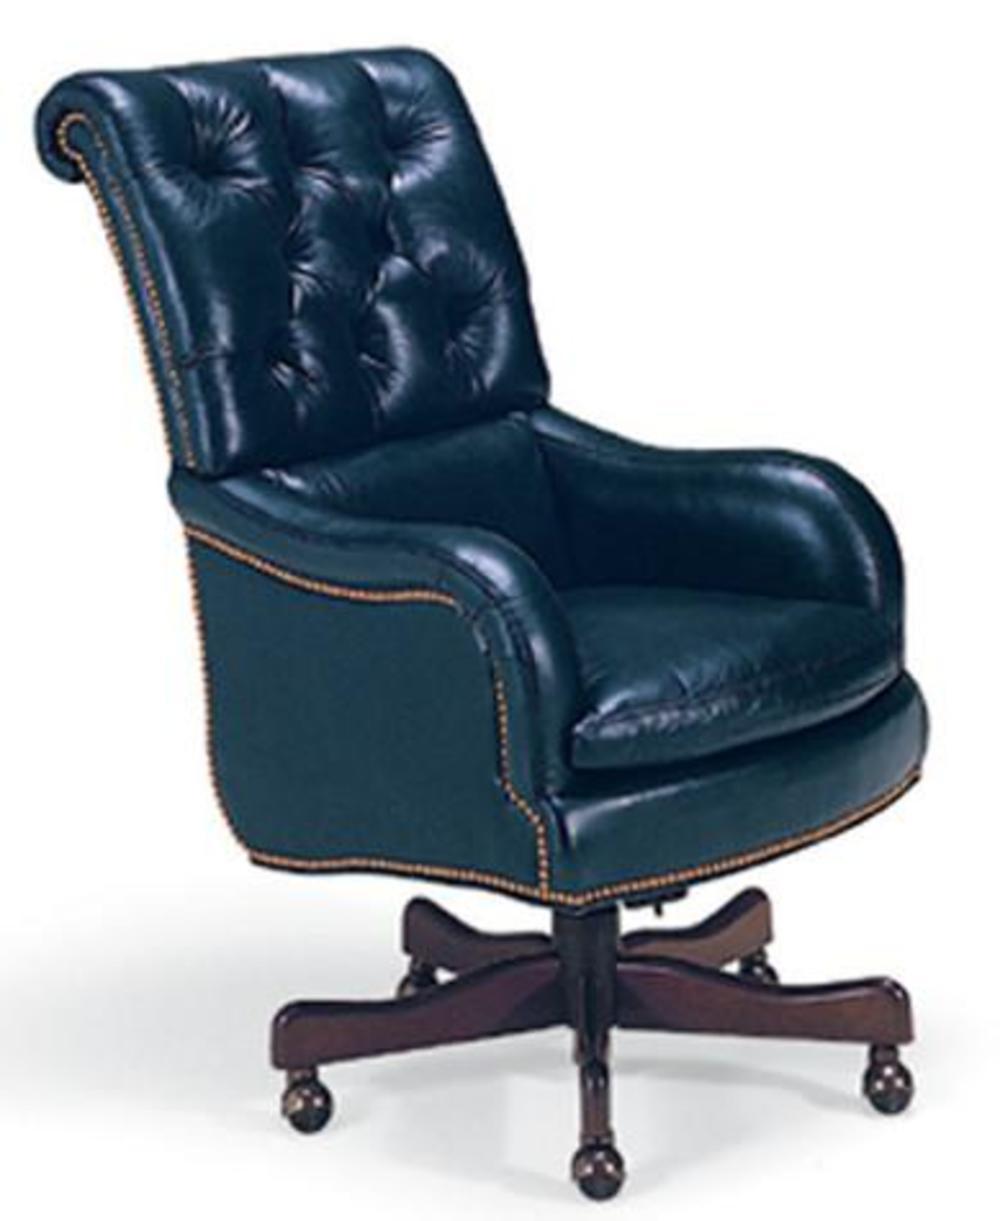 Whittemore Sherrill - Chair